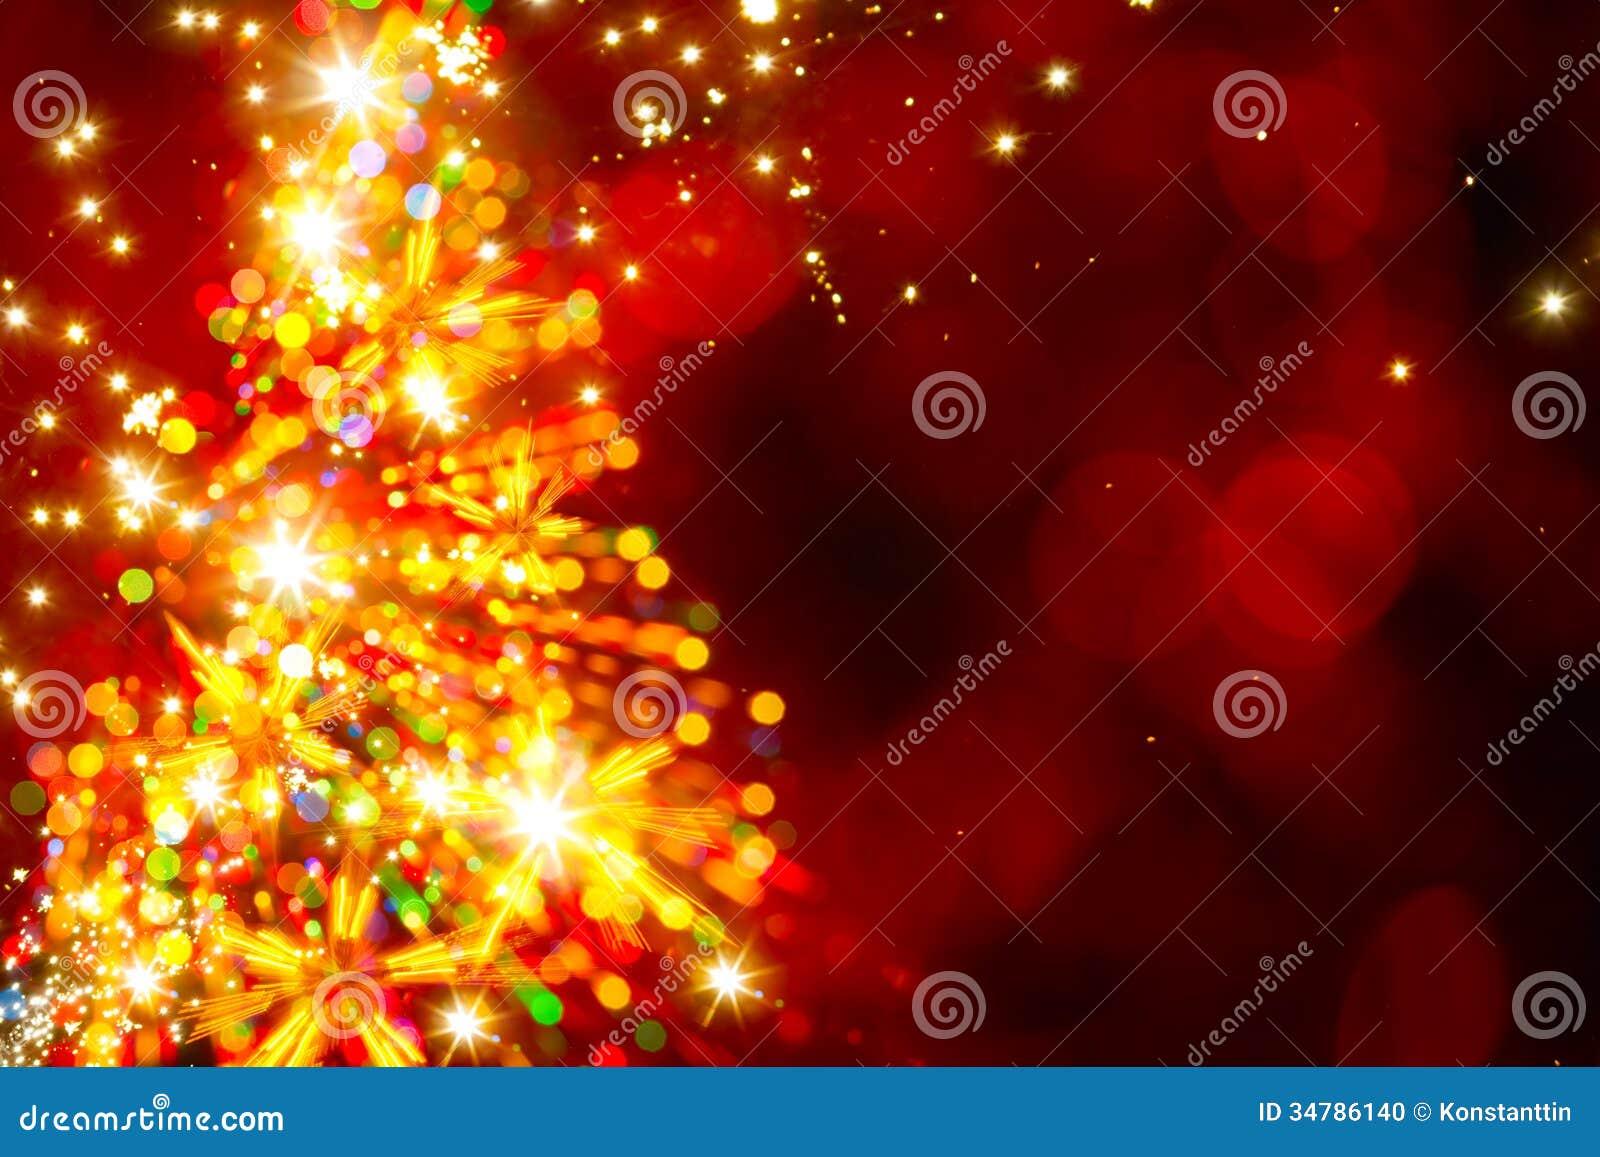 Árbol de navidad ligero de oro abstracto en fondo rojo